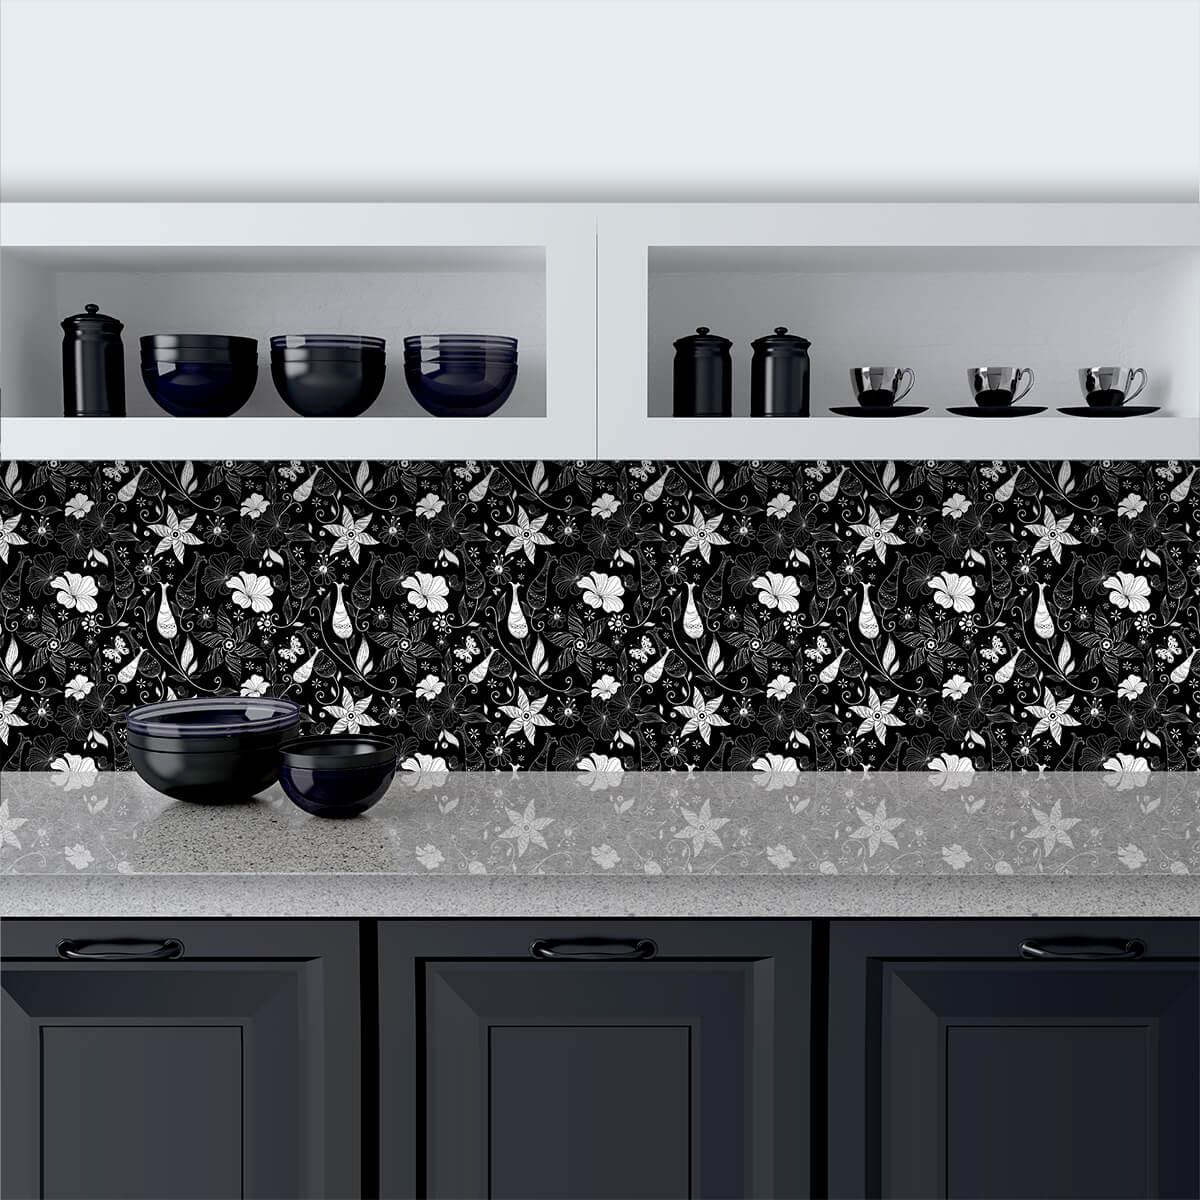 Küchenrückwand aus Glas Black and White